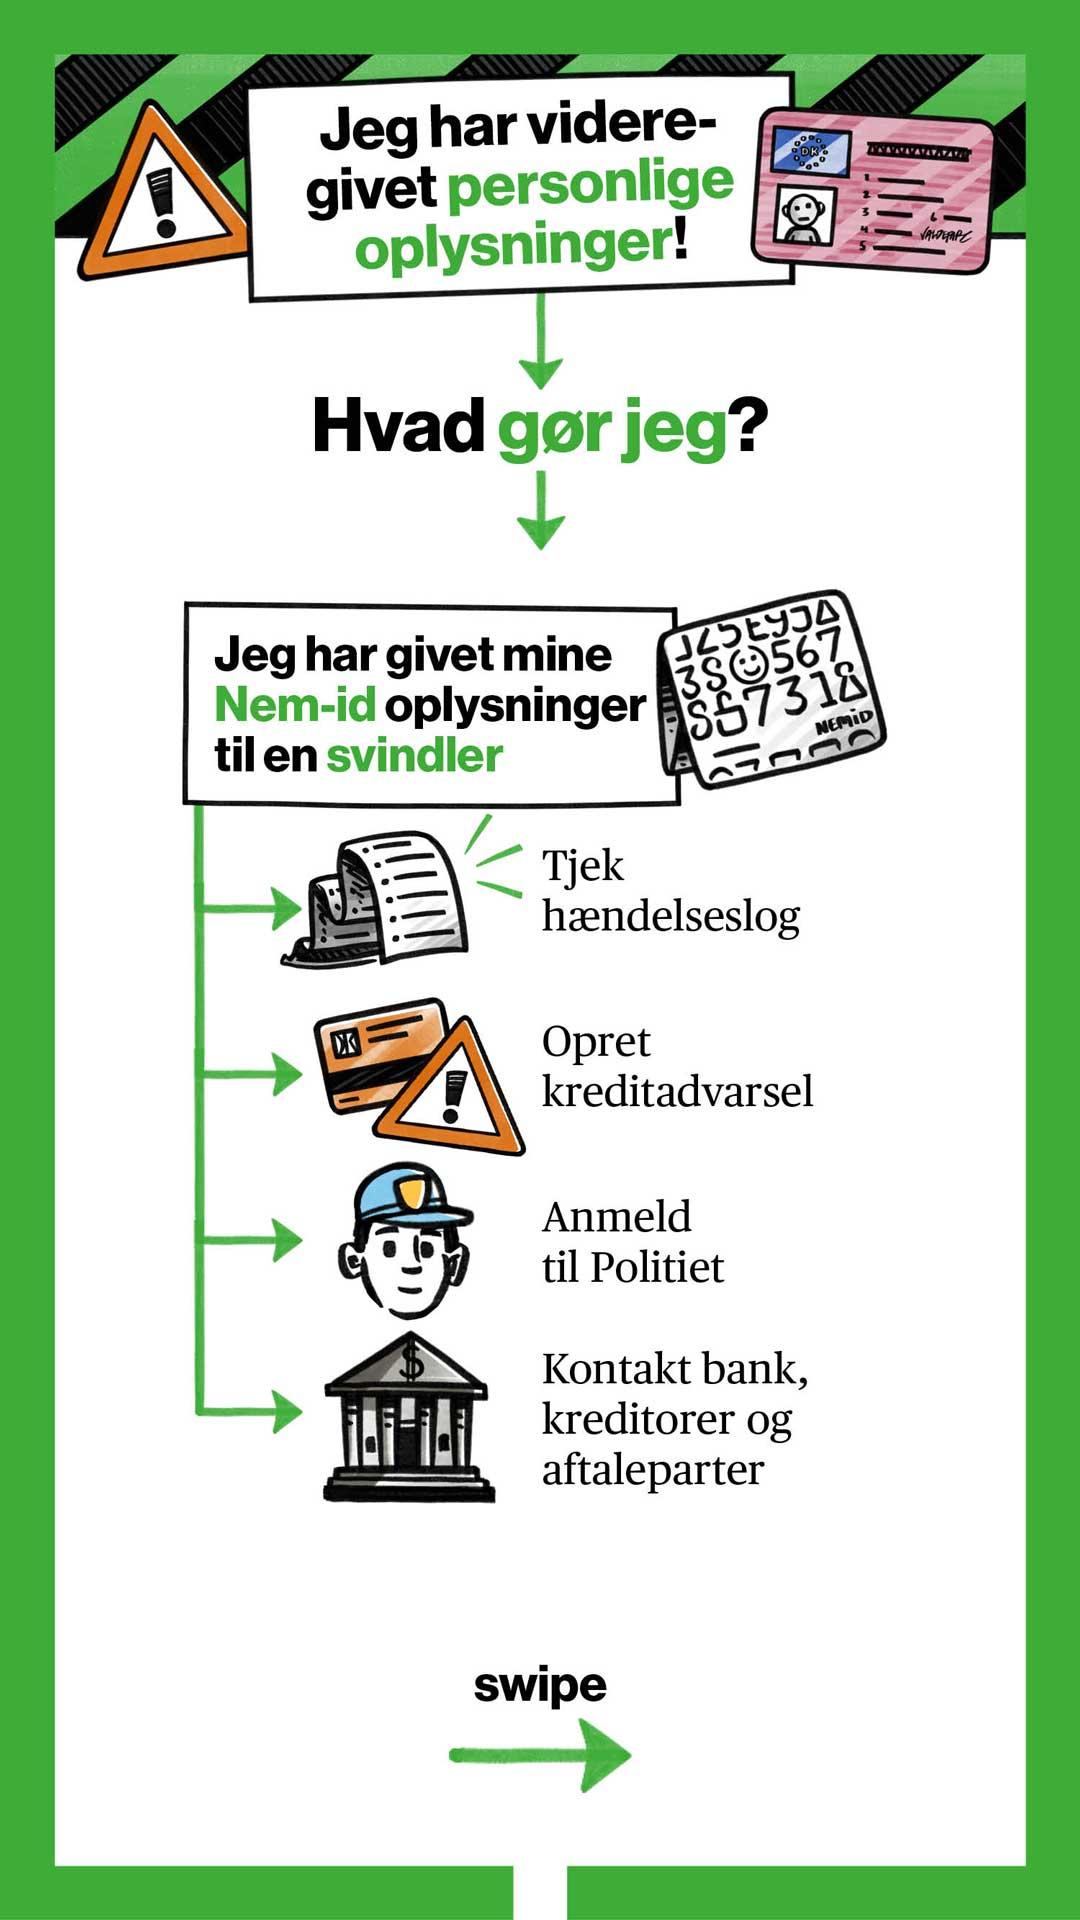 Infografik for forbrugerrådet TÆNK: Jeg har videregivet personlige oplysninger – hvad gør jeg?